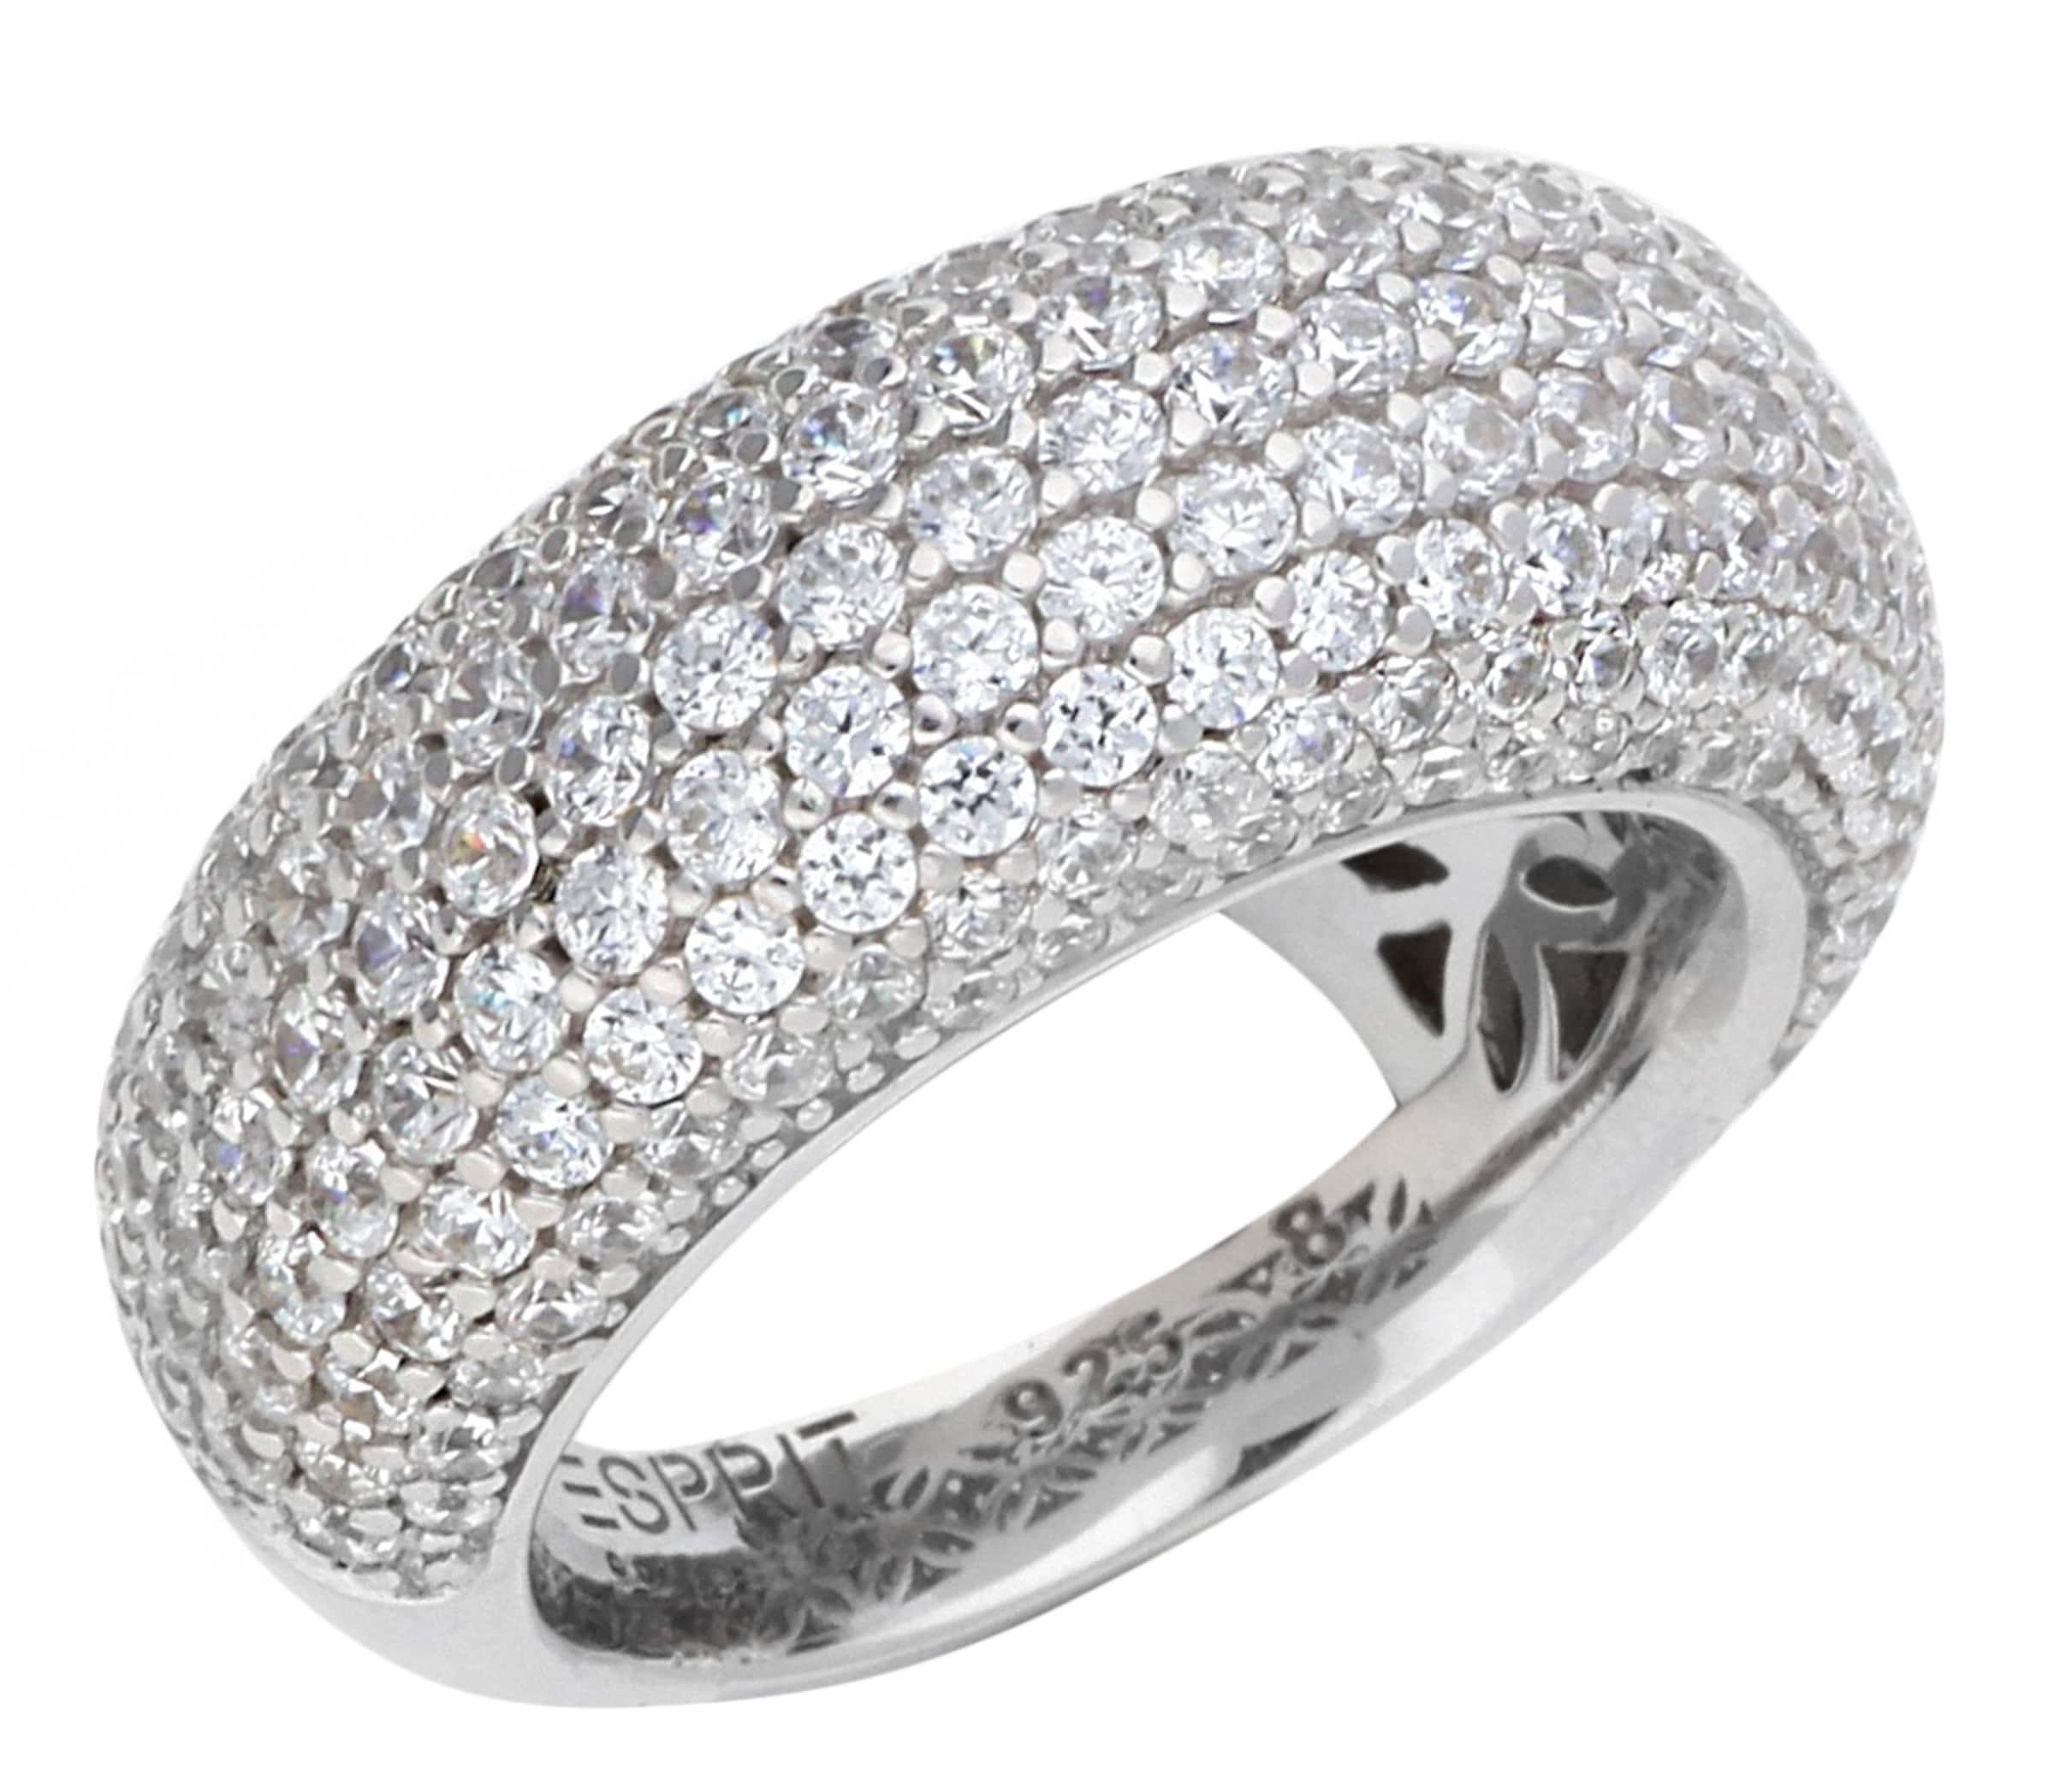 ESPRIT Fingerring 'Periteau' Günstig Kaufen Bestellen IpHx01cHl8